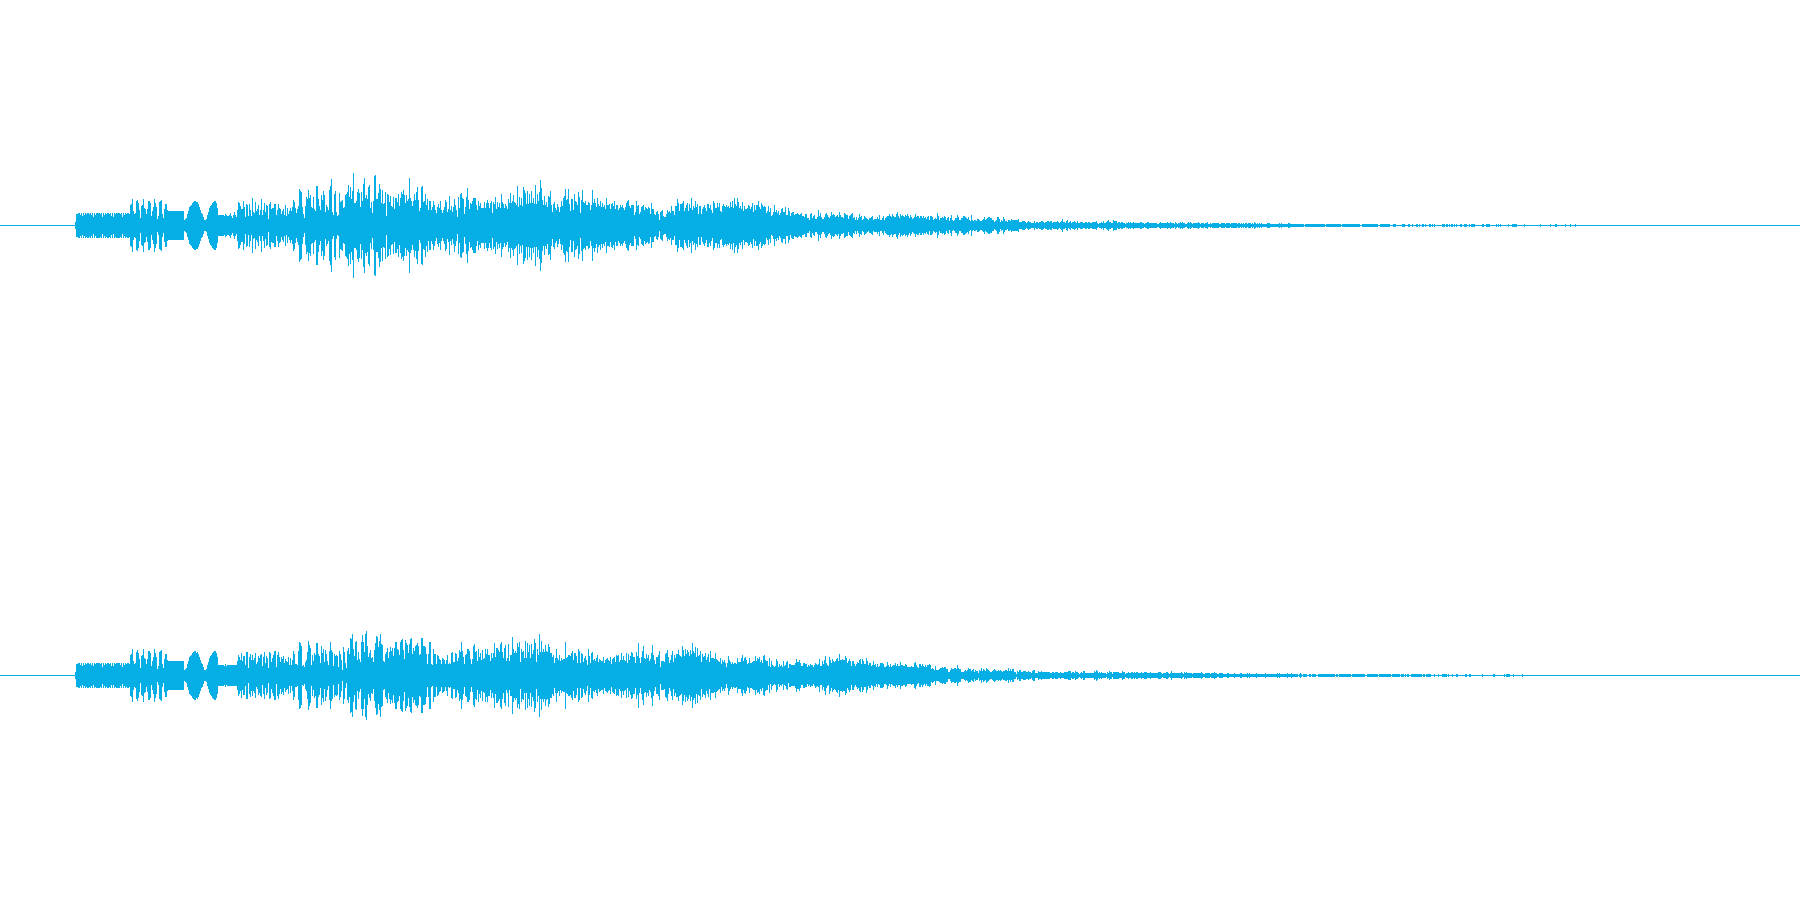 ピロピロピロピロッ↑(PC起動、決定音)の再生済みの波形